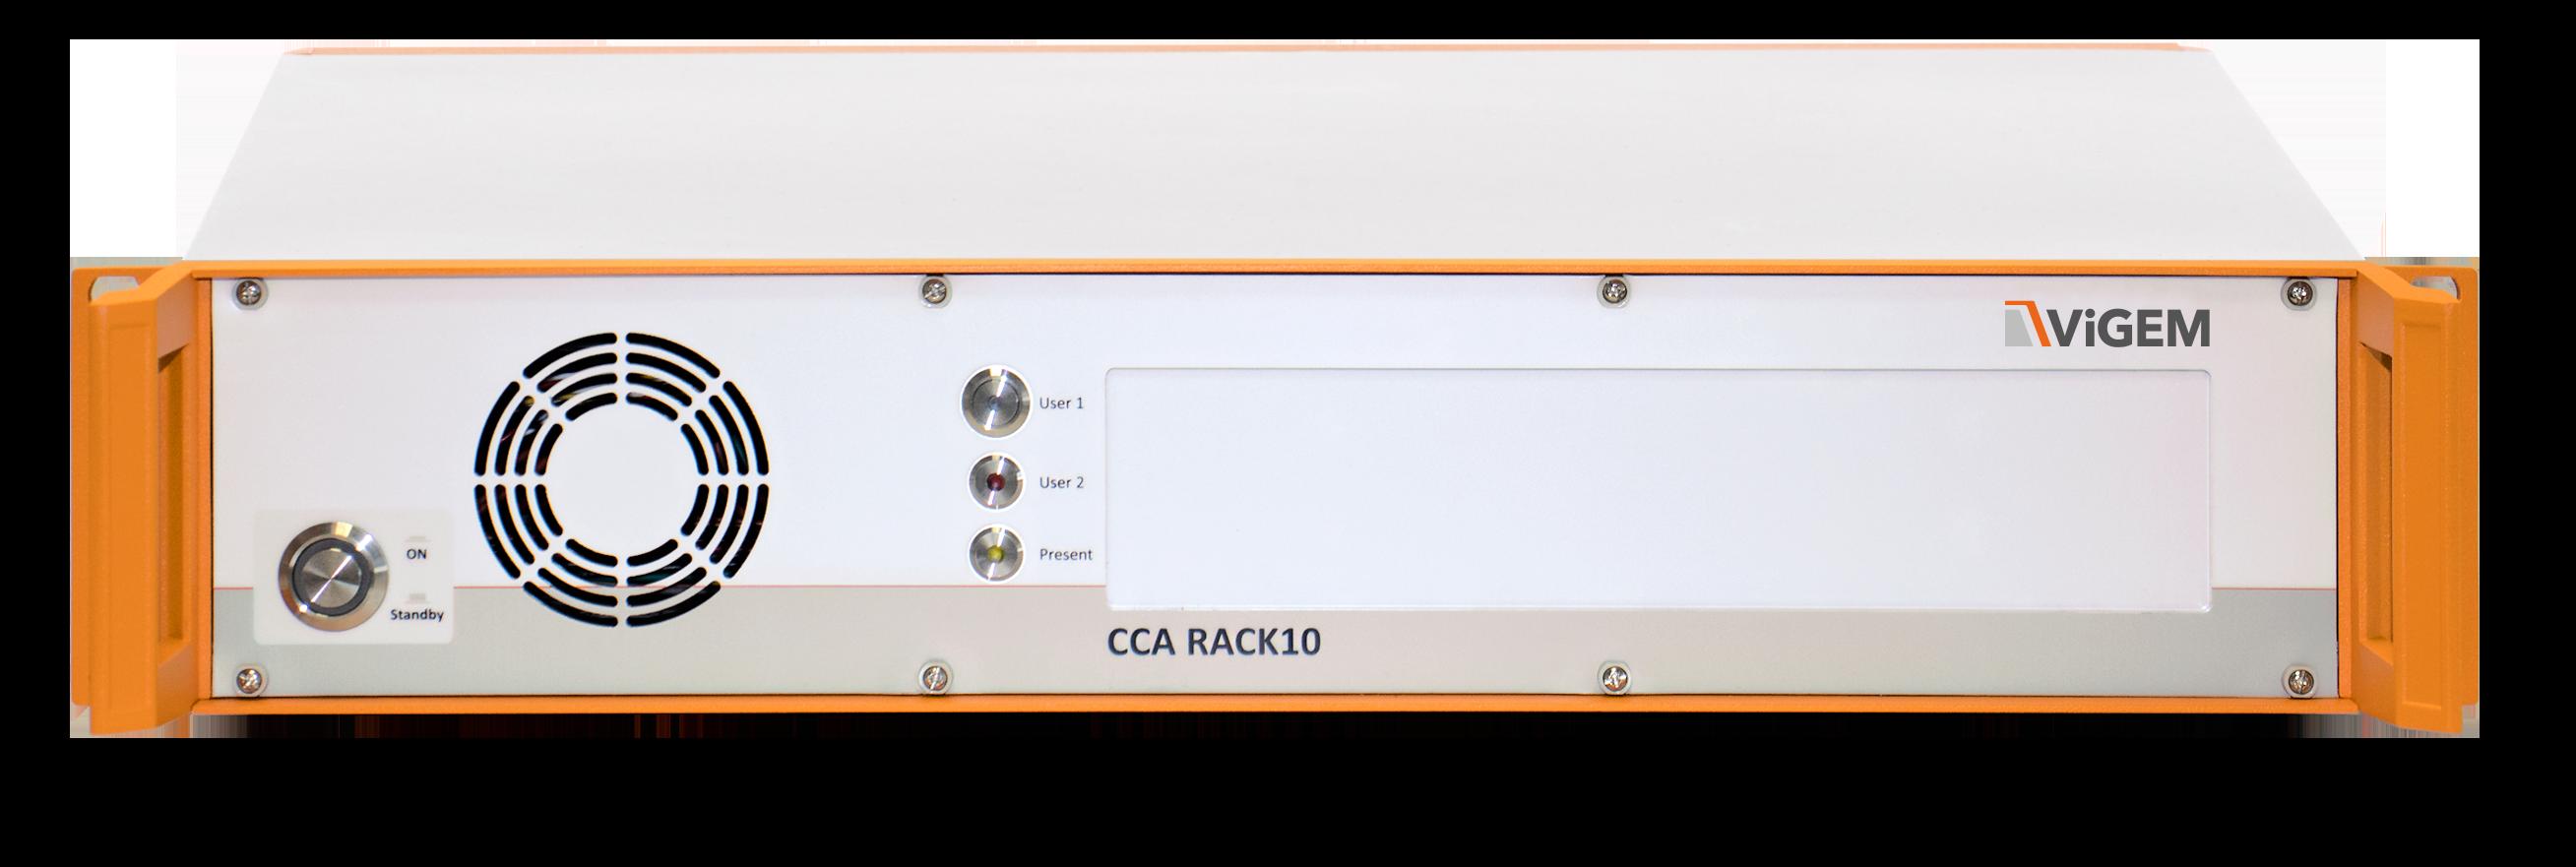 ViGEM CCA RACK10